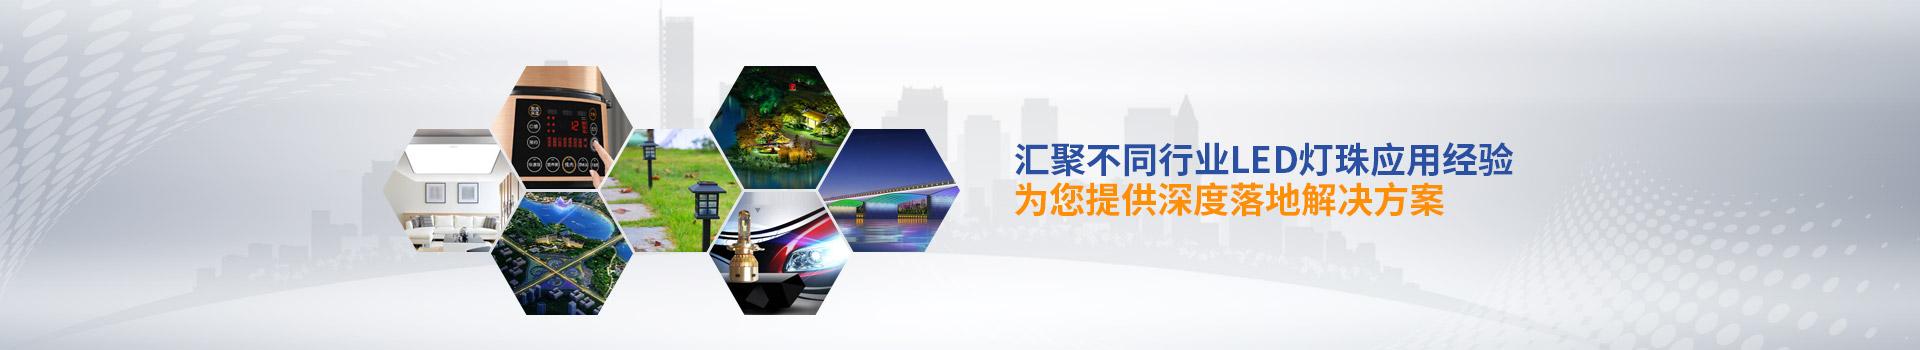 弘欣顺-汇聚不同行业LED灯珠应用经验